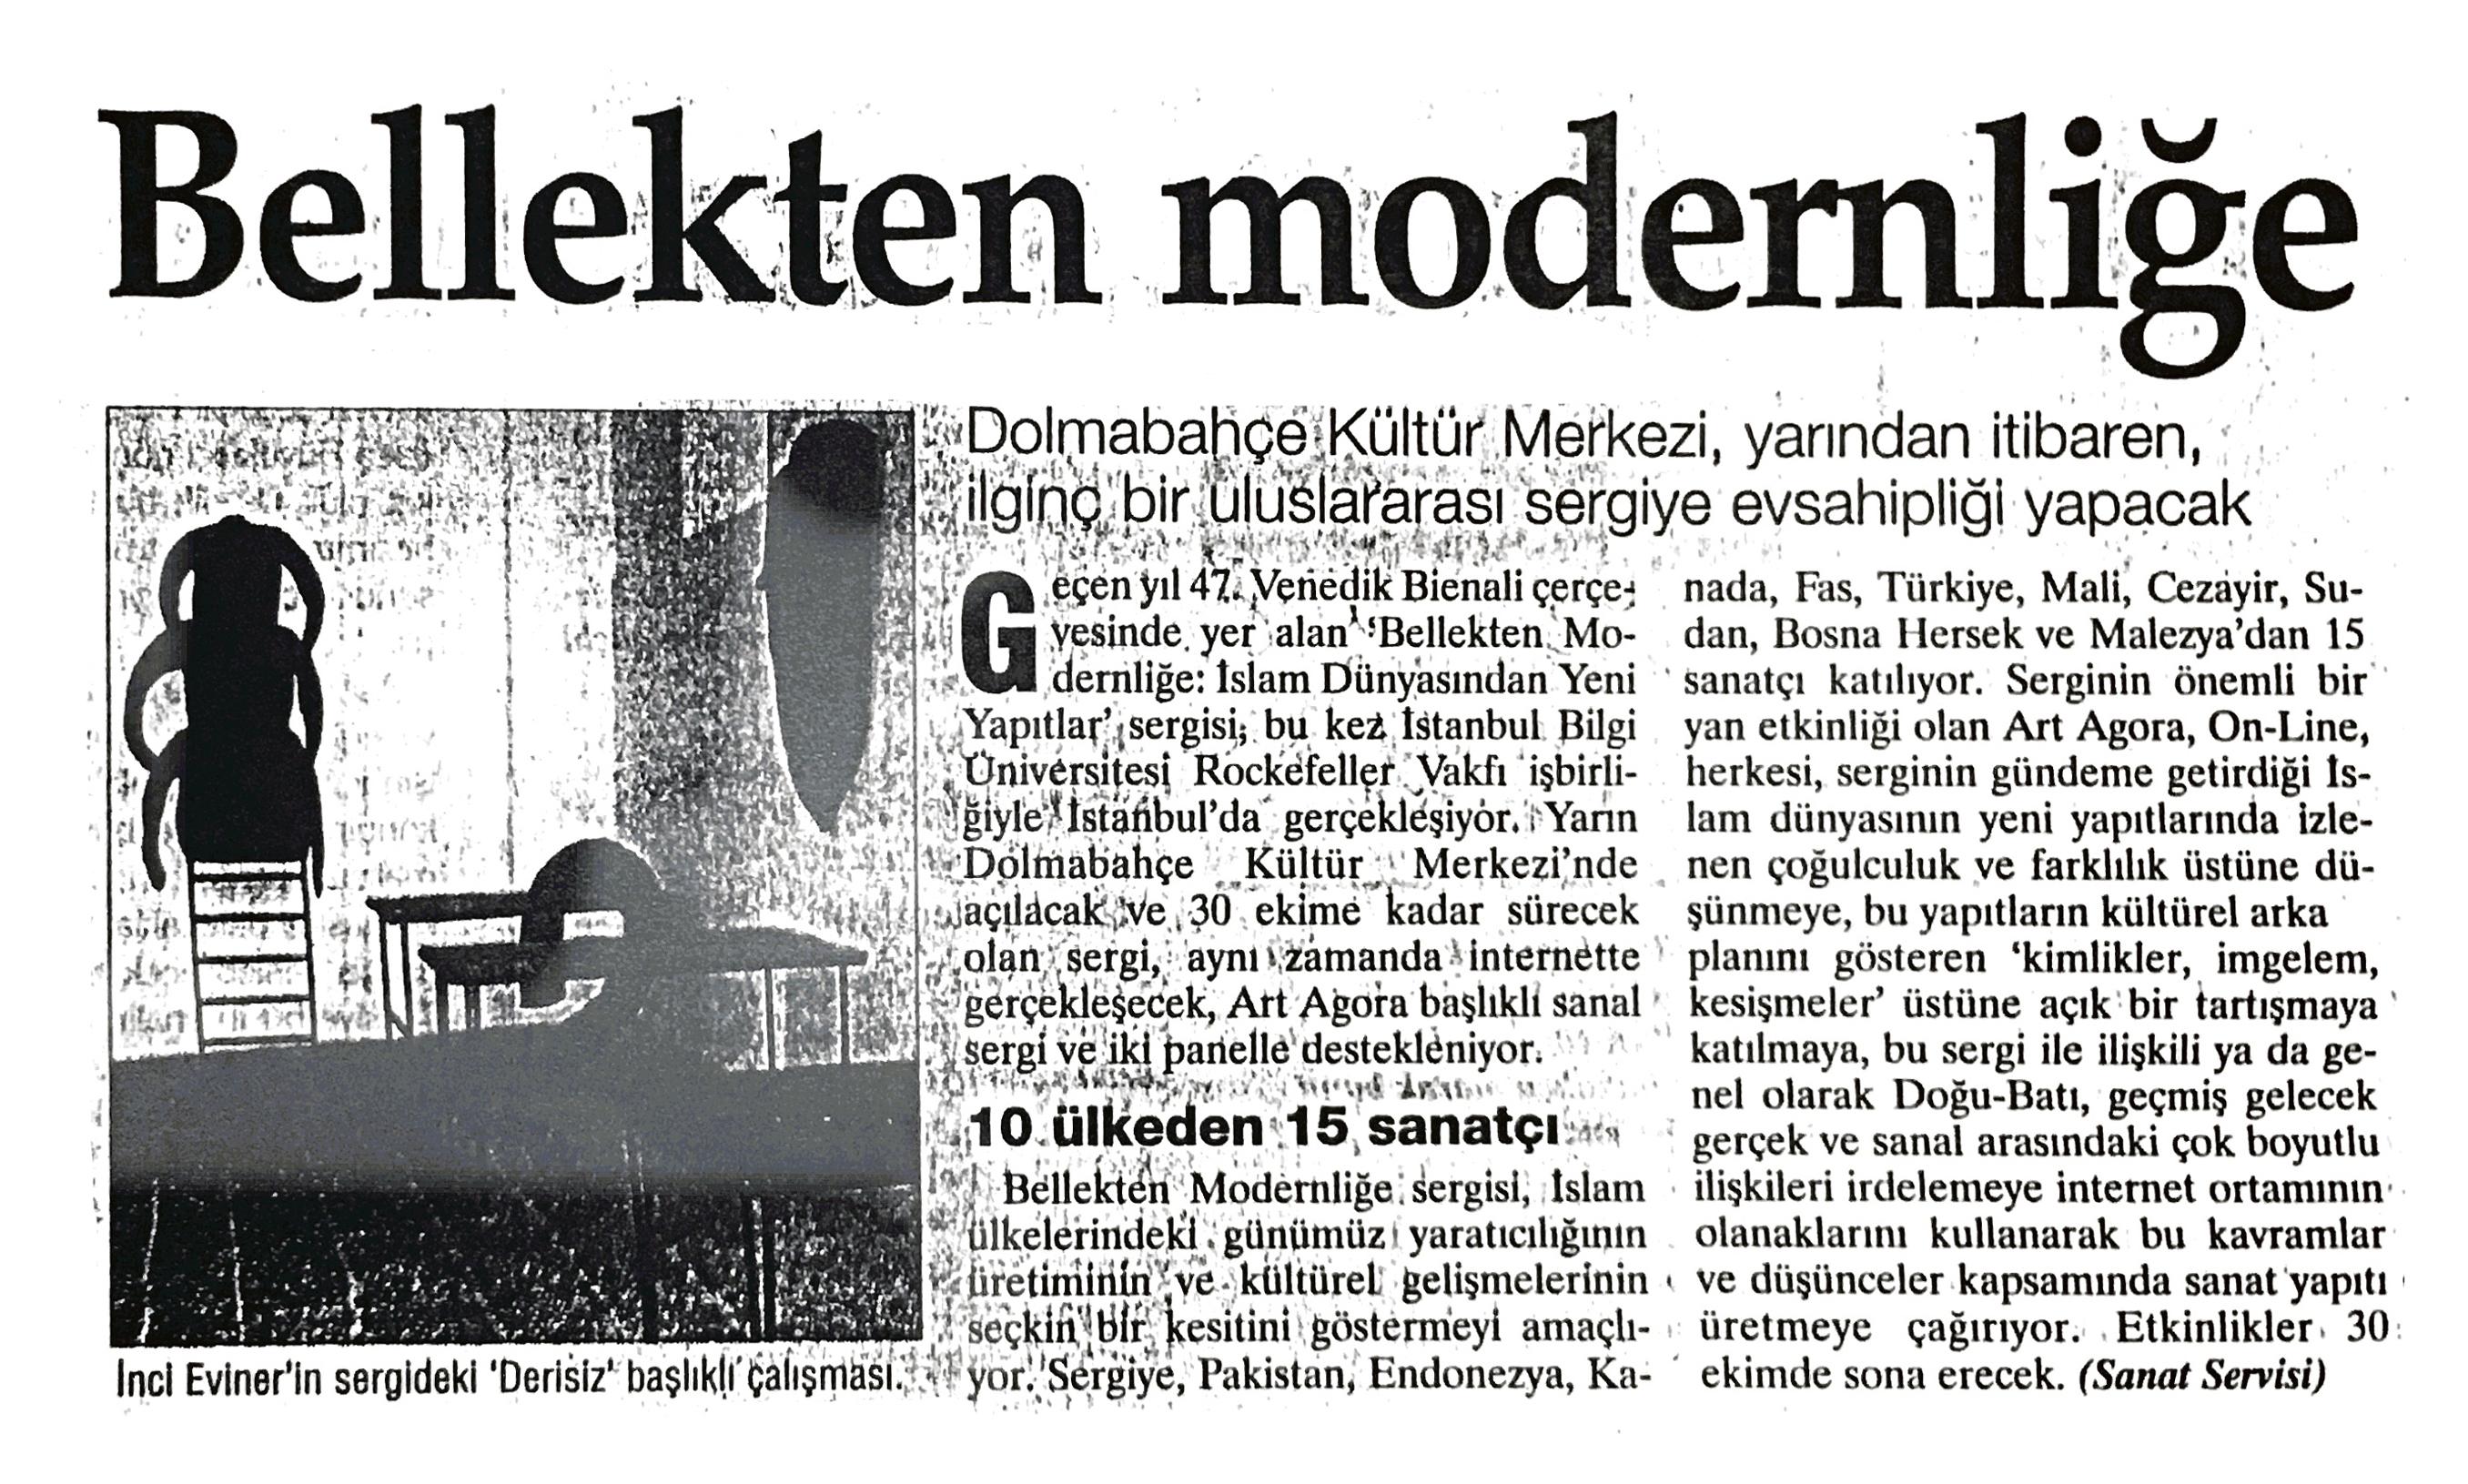 1998_YeniYuzyil_5Ekim